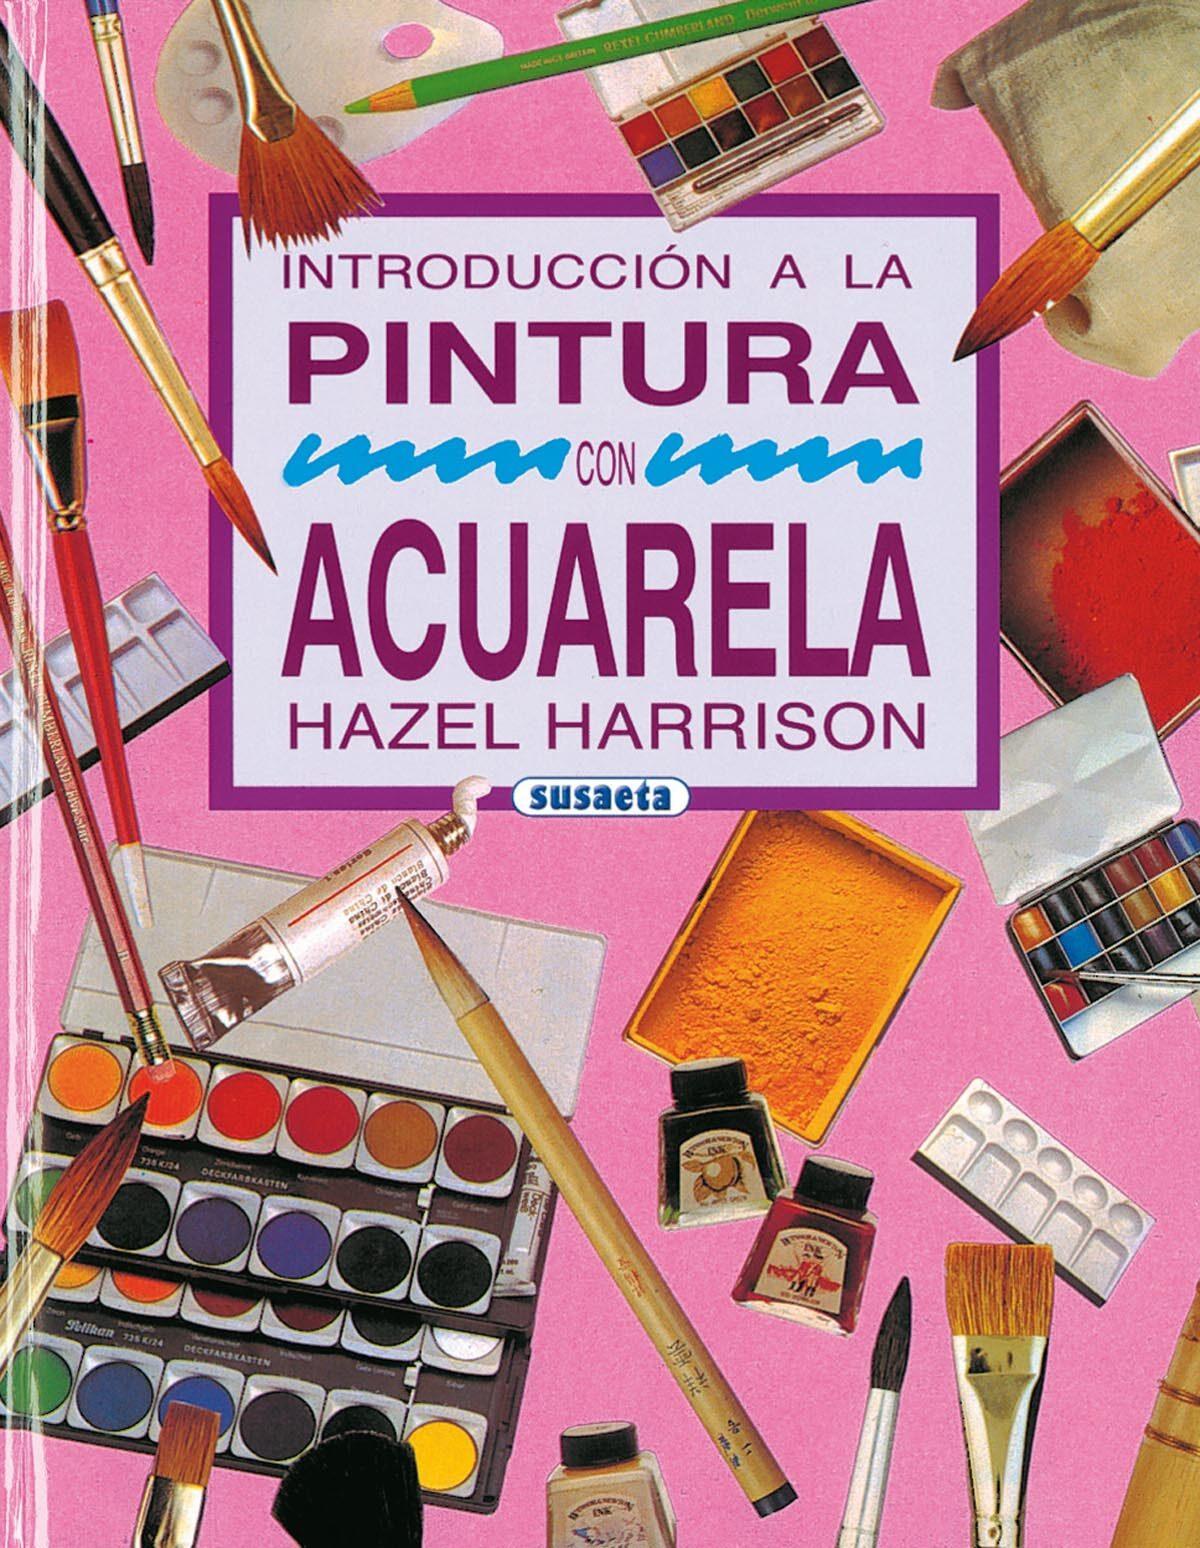 Introduccion A La Pintura Con Acuarela por Hazel Harrison Gratis